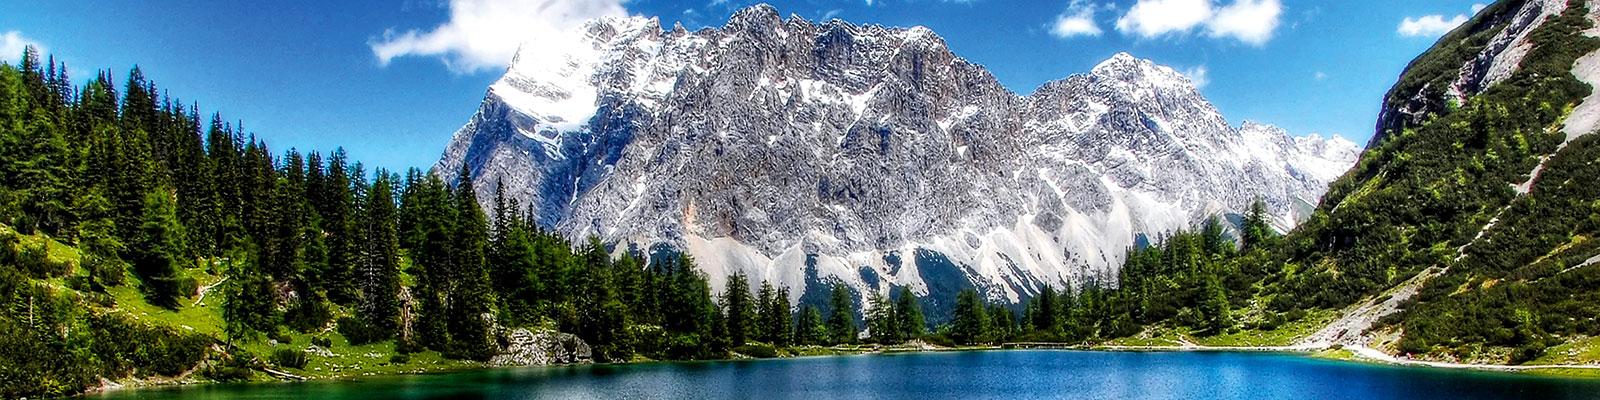 Lermoos - Tiroler Sommer!